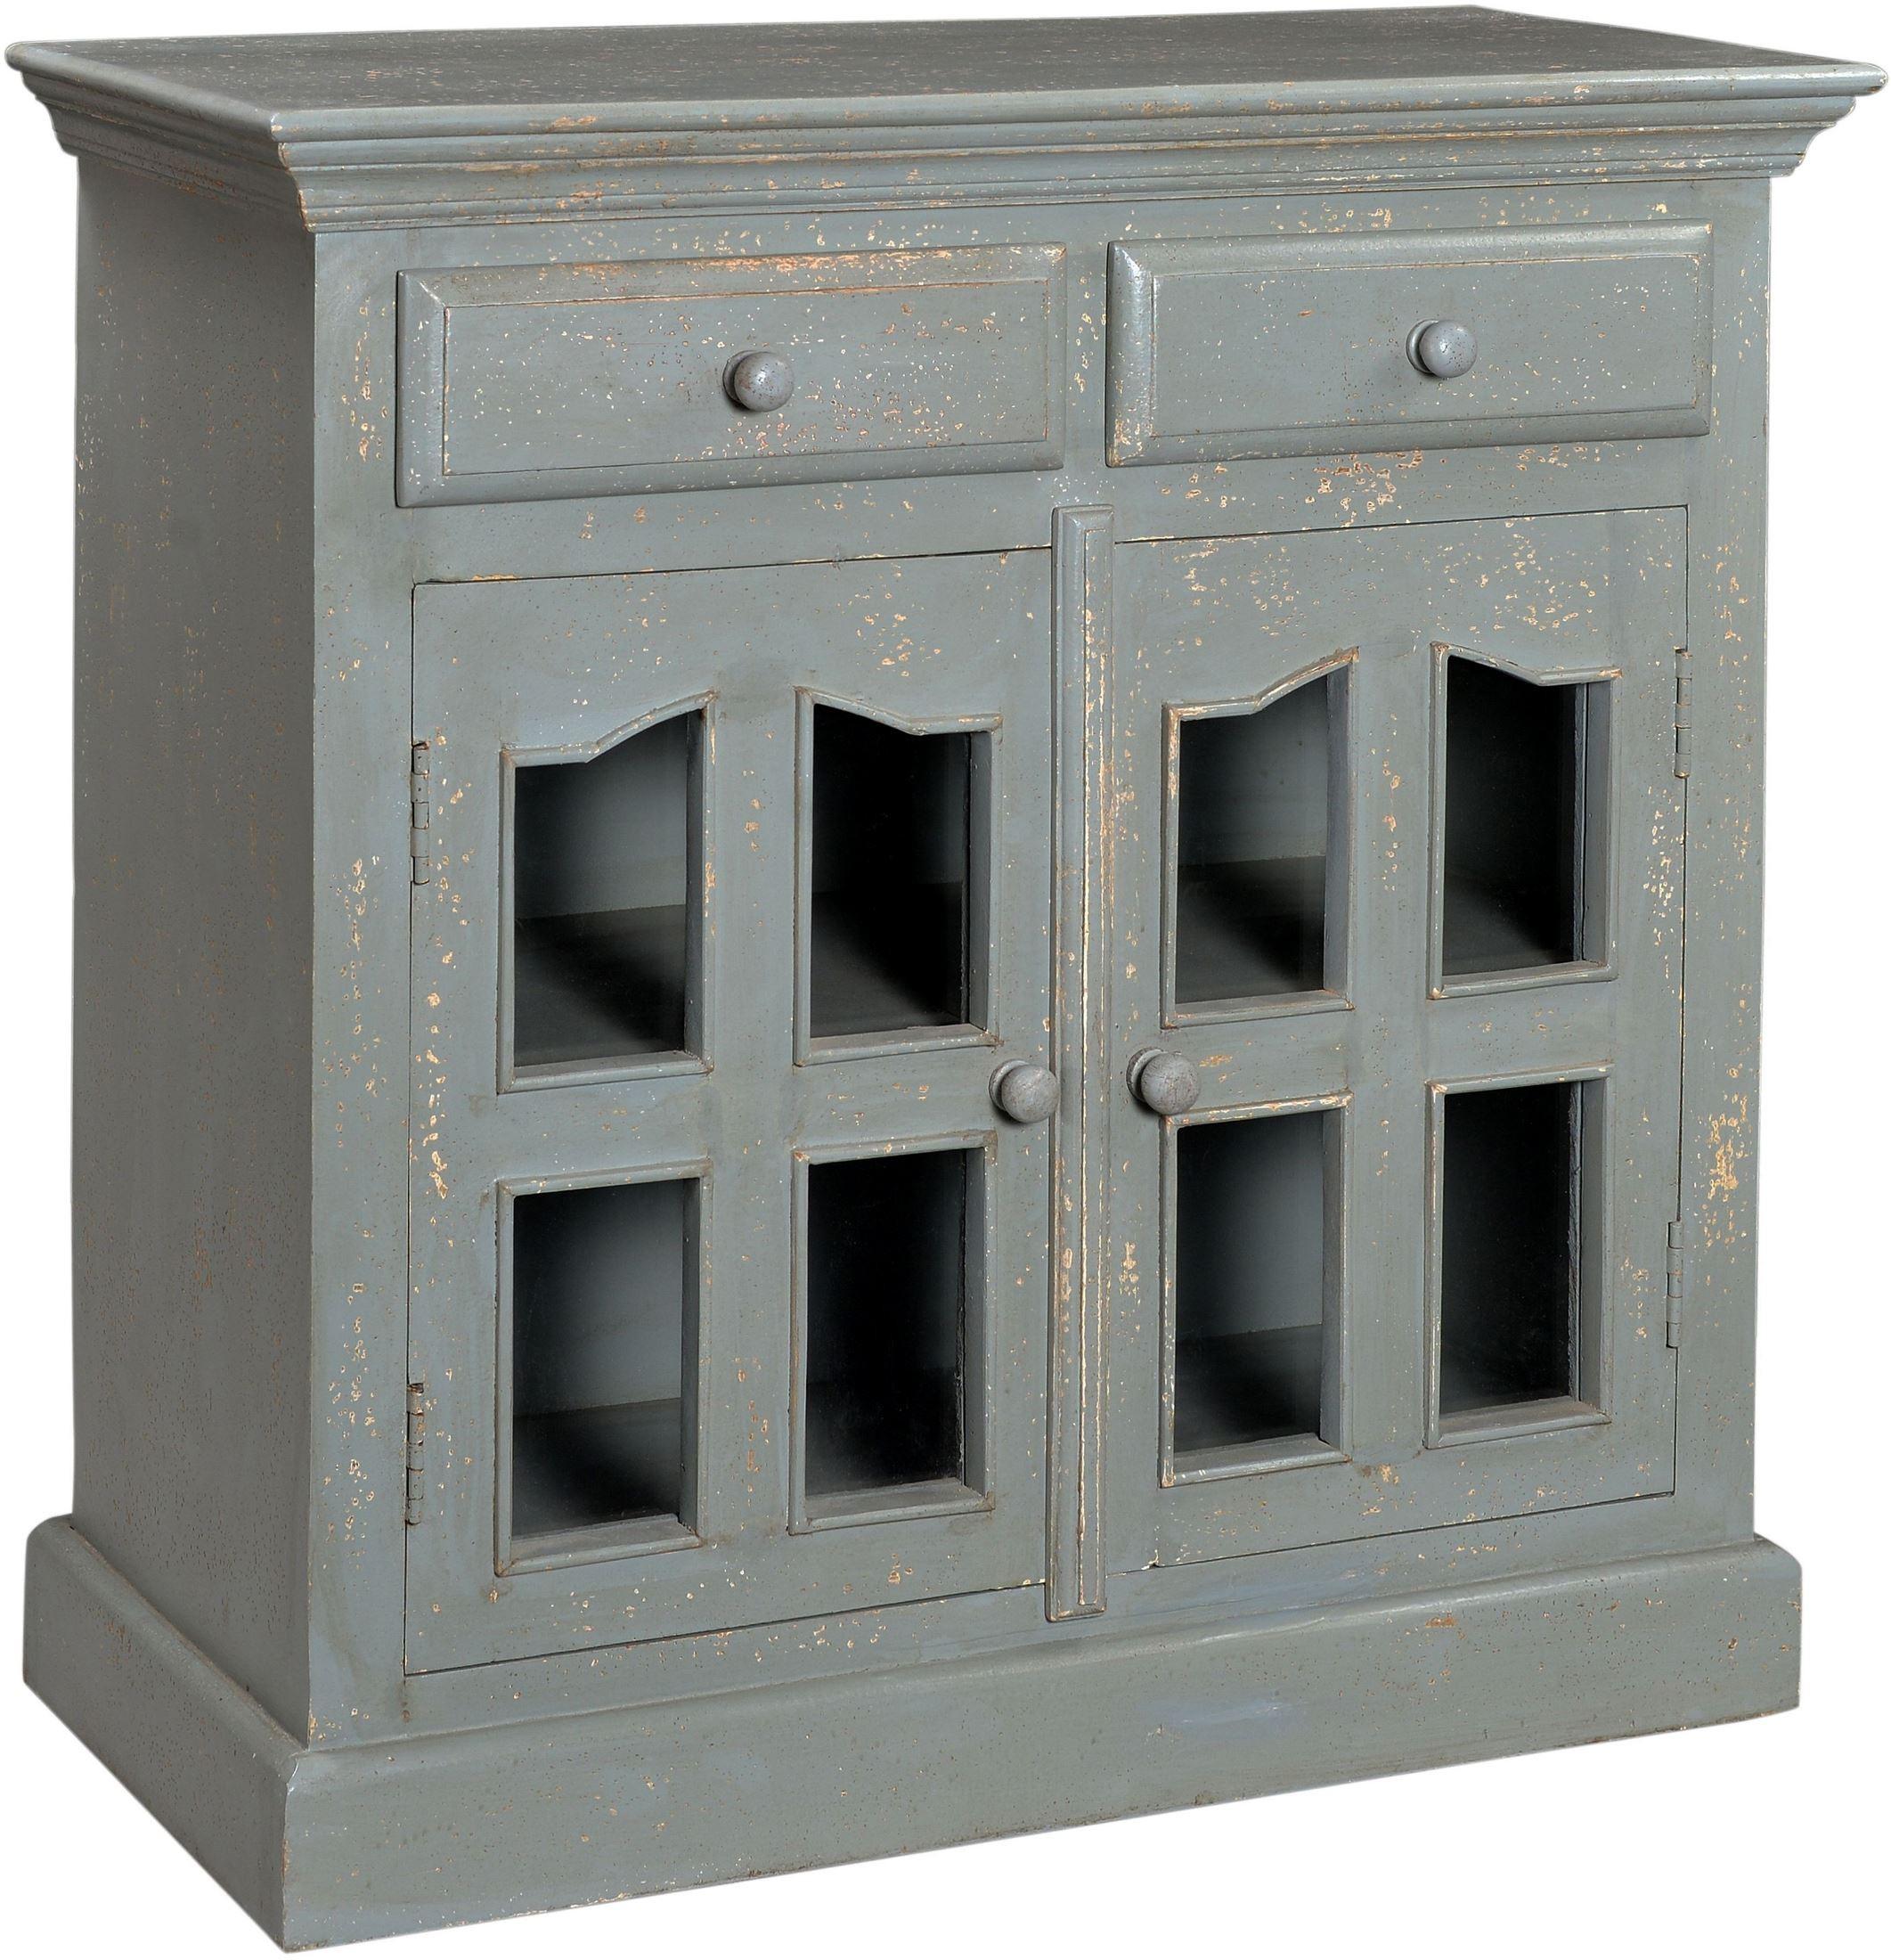 Distressed Kitchen Cabinet Doors: Hamptons Distressed Two Door Cabinet, 93420, Coast To Coast